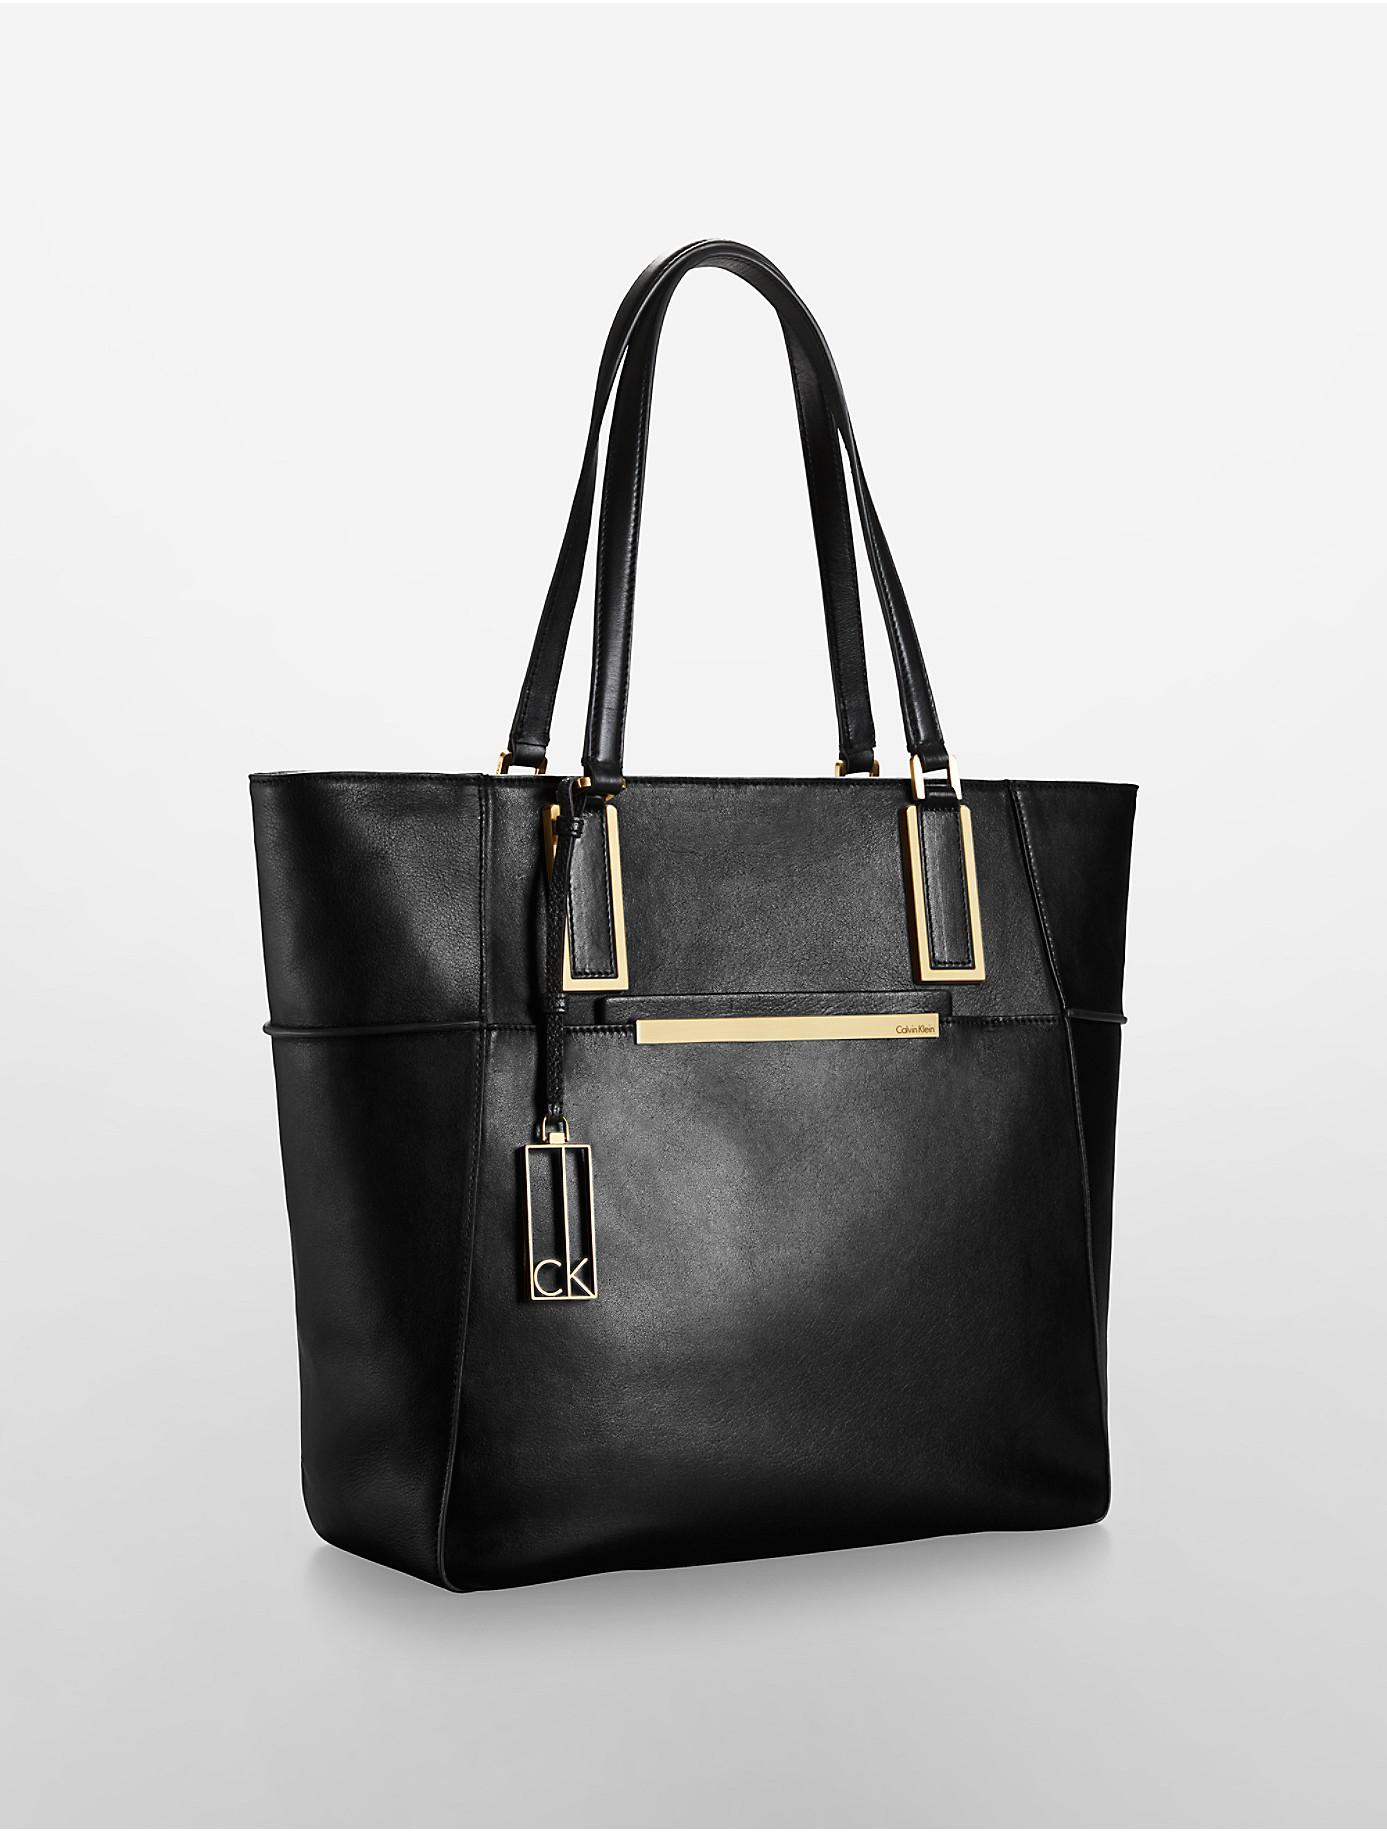 calvin klein white label kenner leather large shopper tote. Black Bedroom Furniture Sets. Home Design Ideas